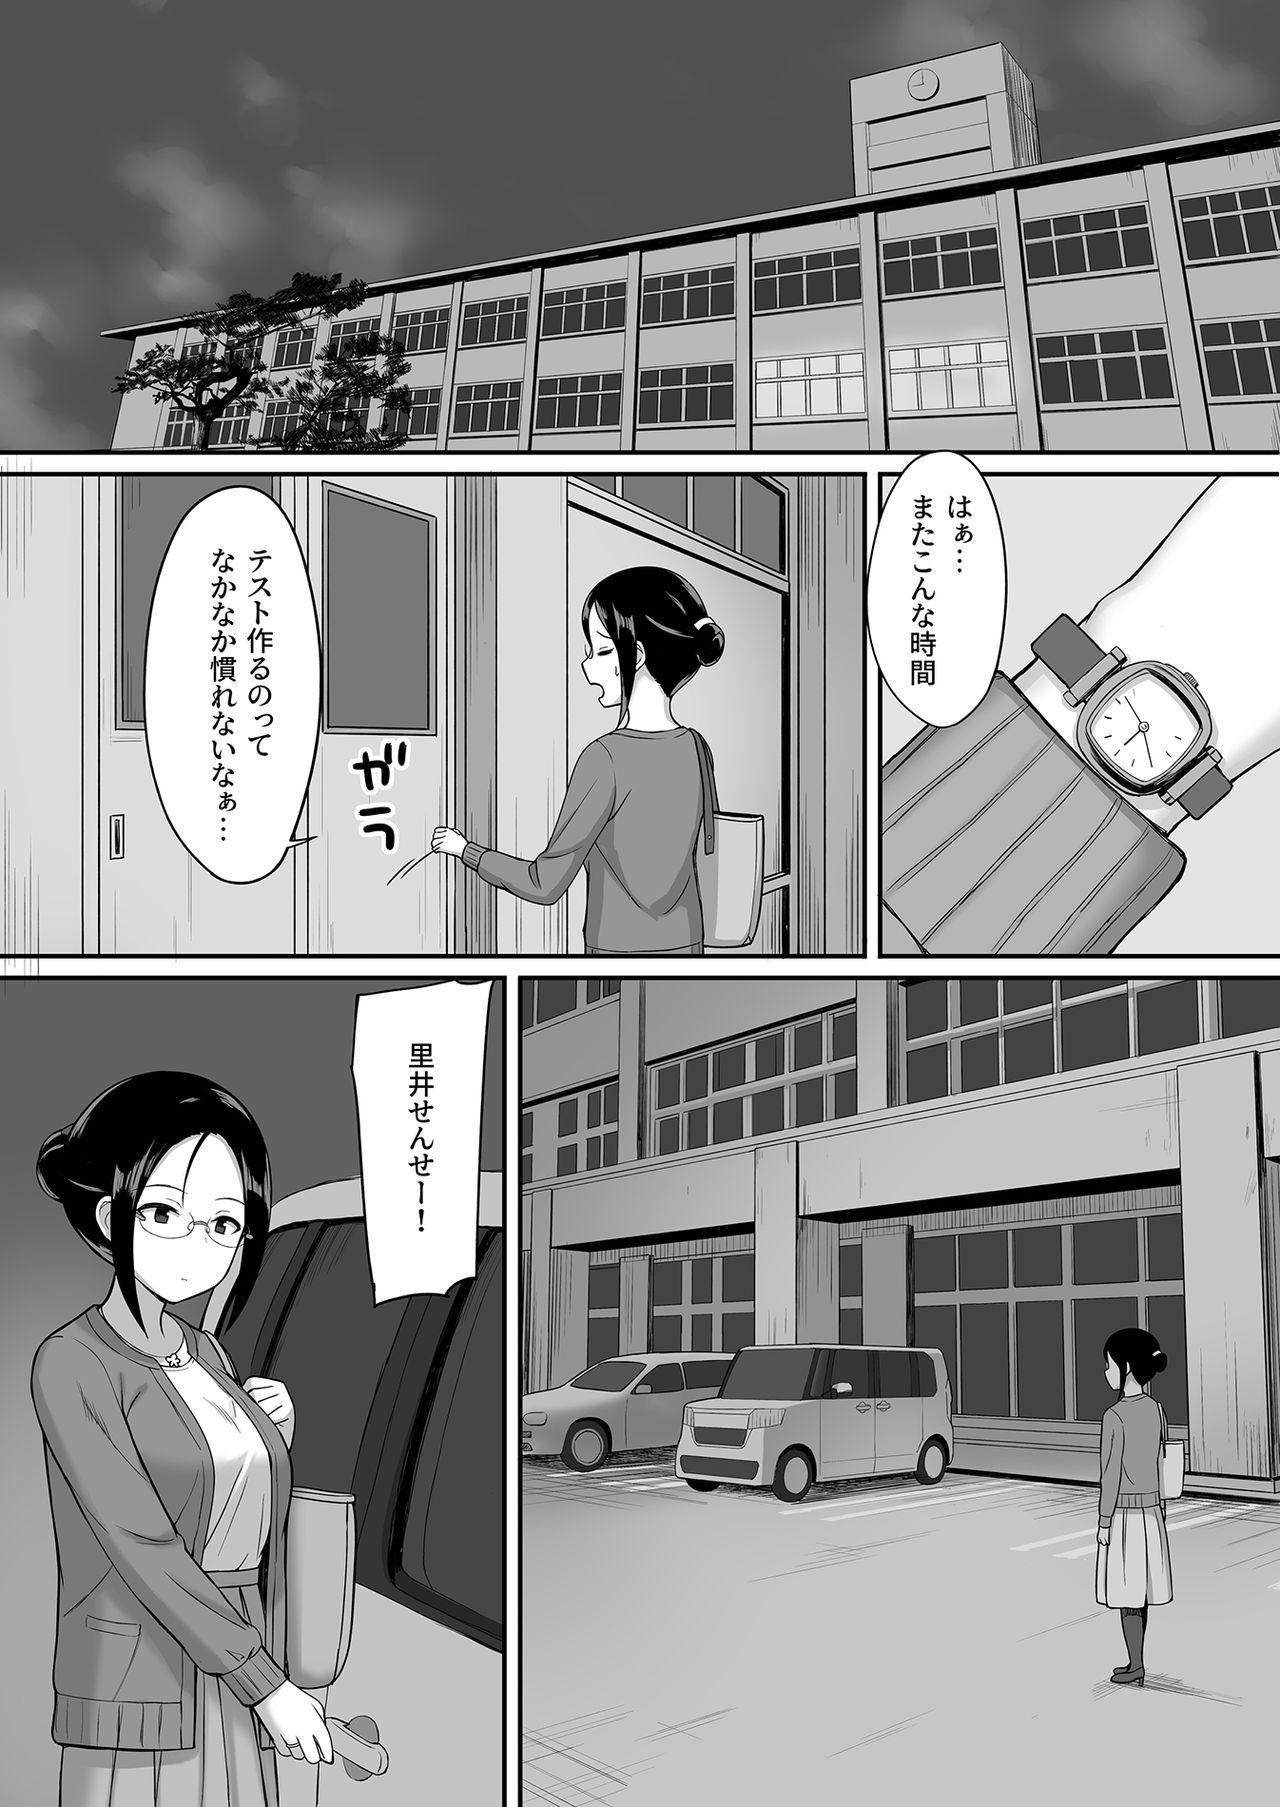 Fukujuu no noroi 3 37